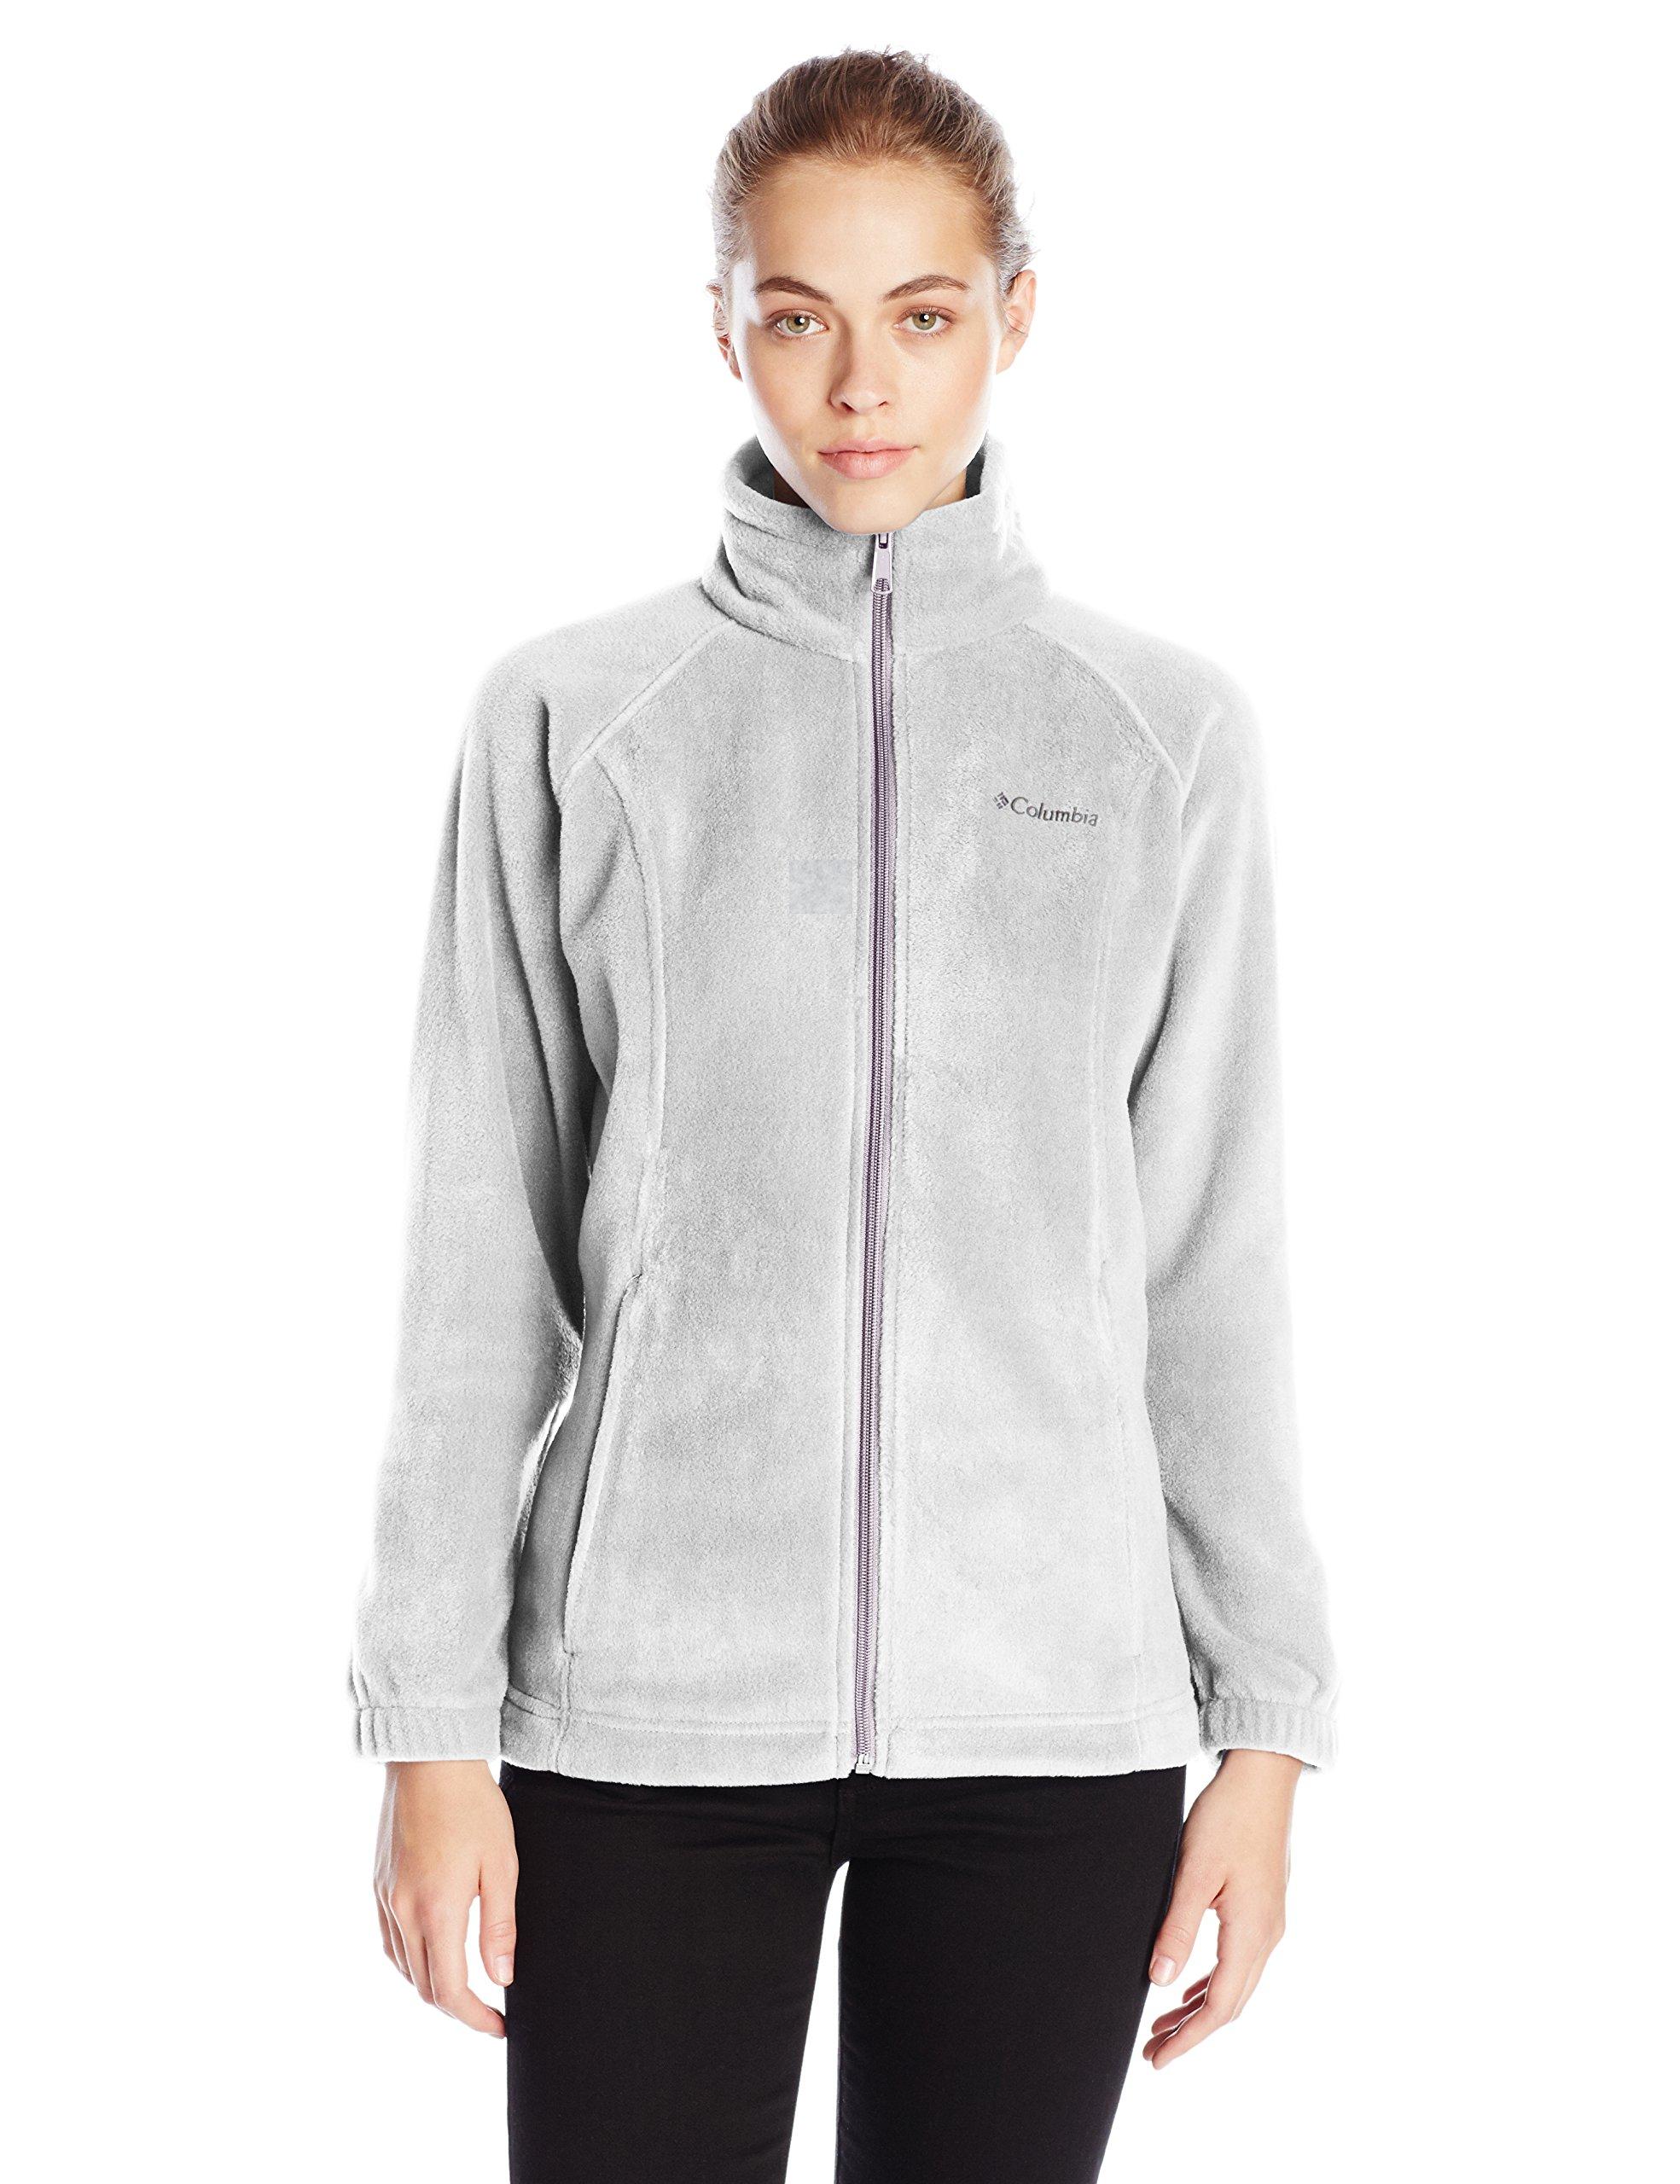 Columbia Women's Benton Springs Classic Fit Full Zip Soft Fleece Jacket, light grey heather, S